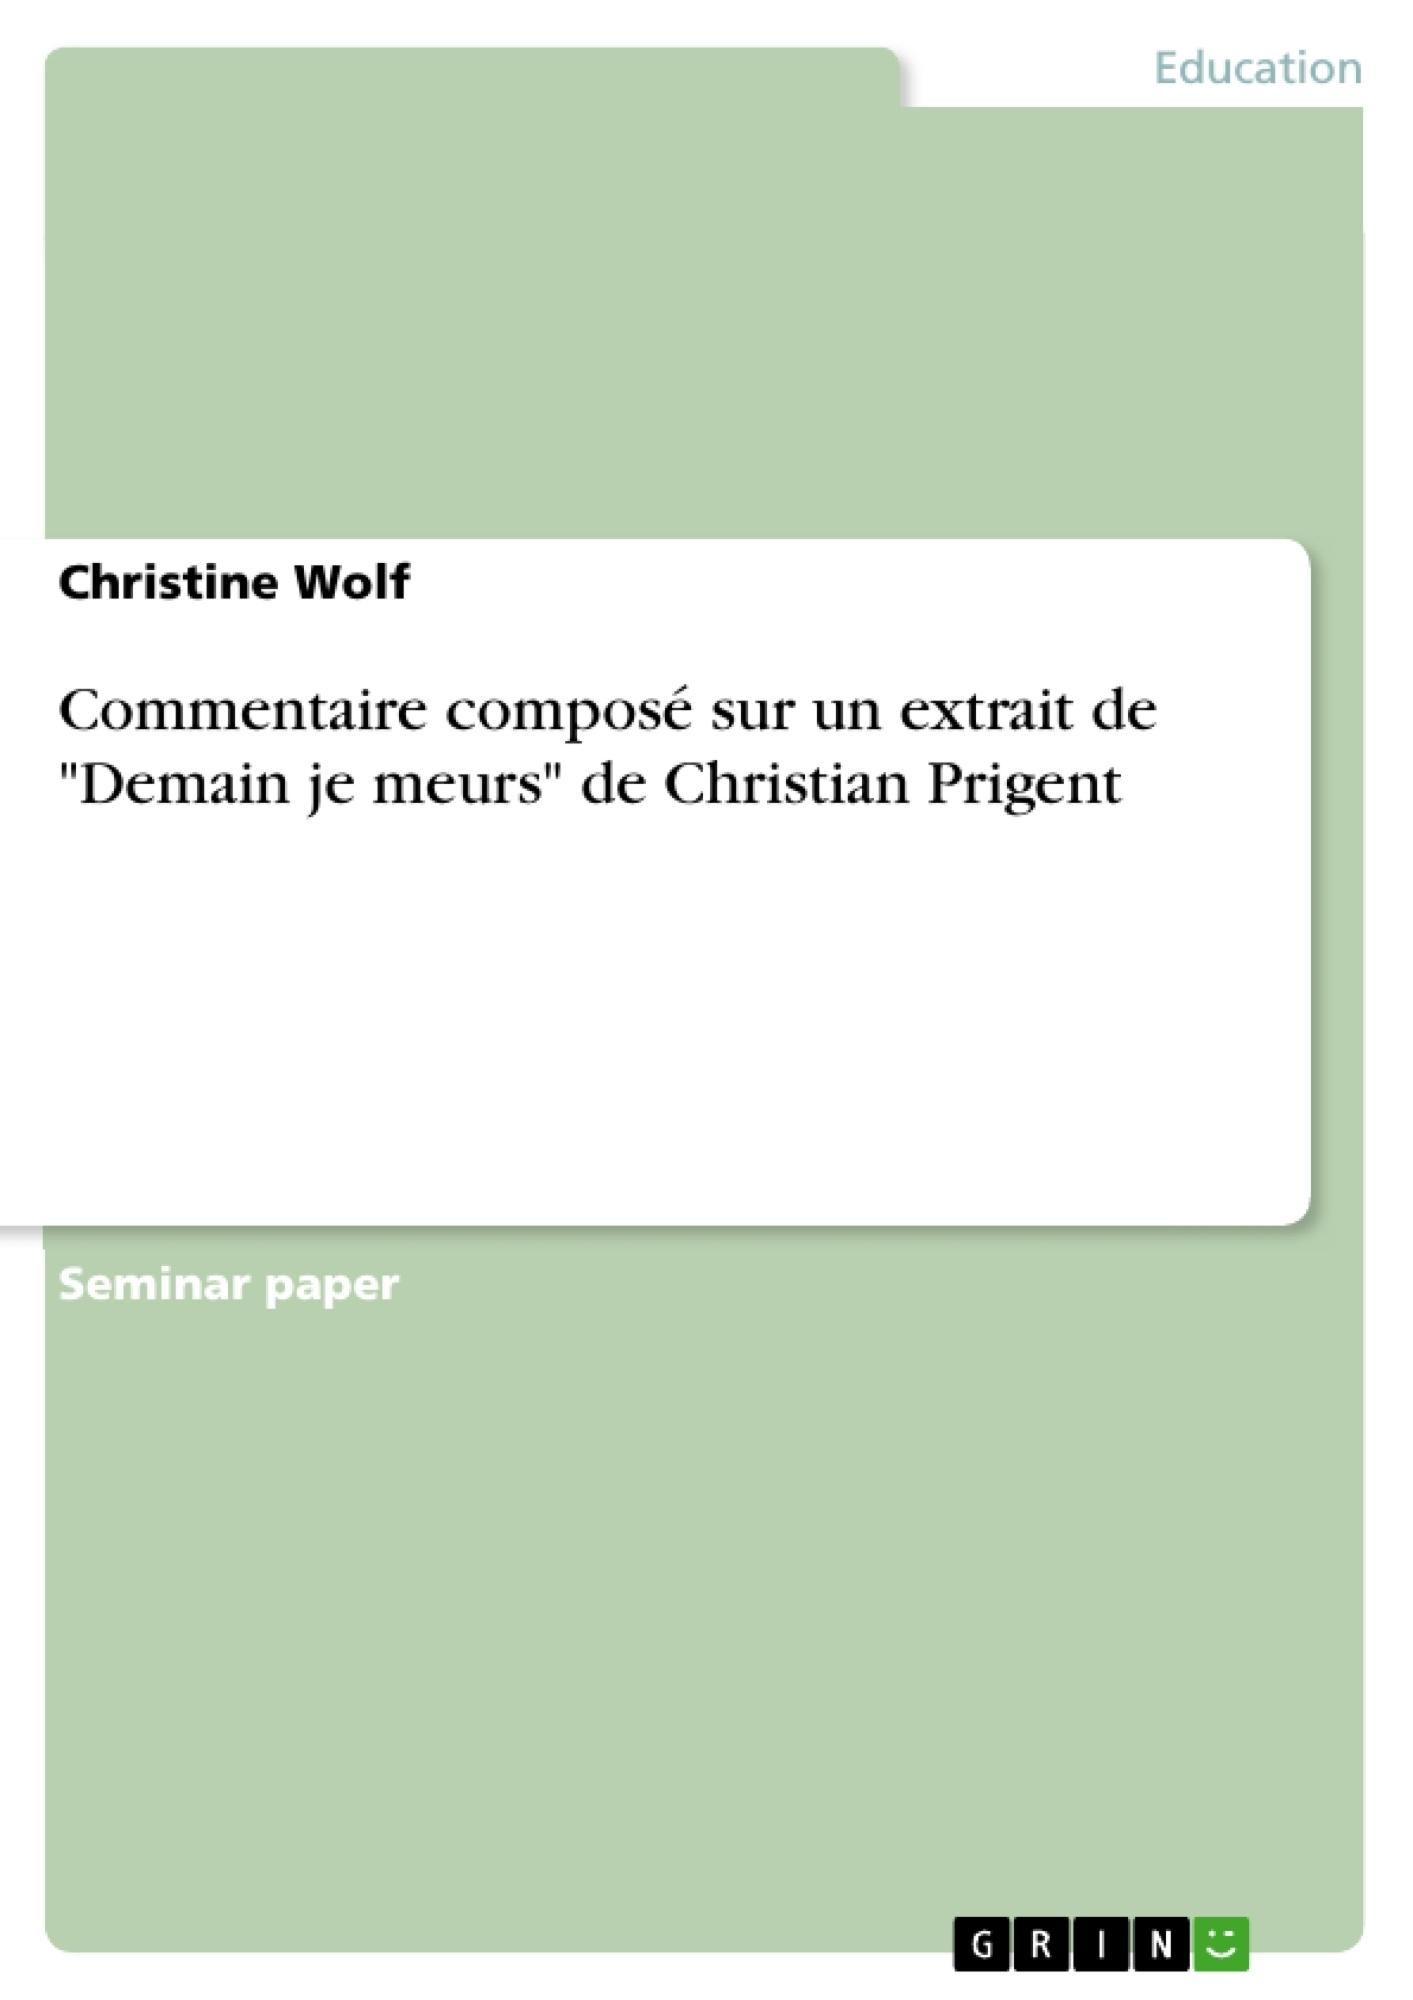 """Titre: Commentaire composé sur un extrait de """"Demain je meurs"""" de Christian Prigent"""